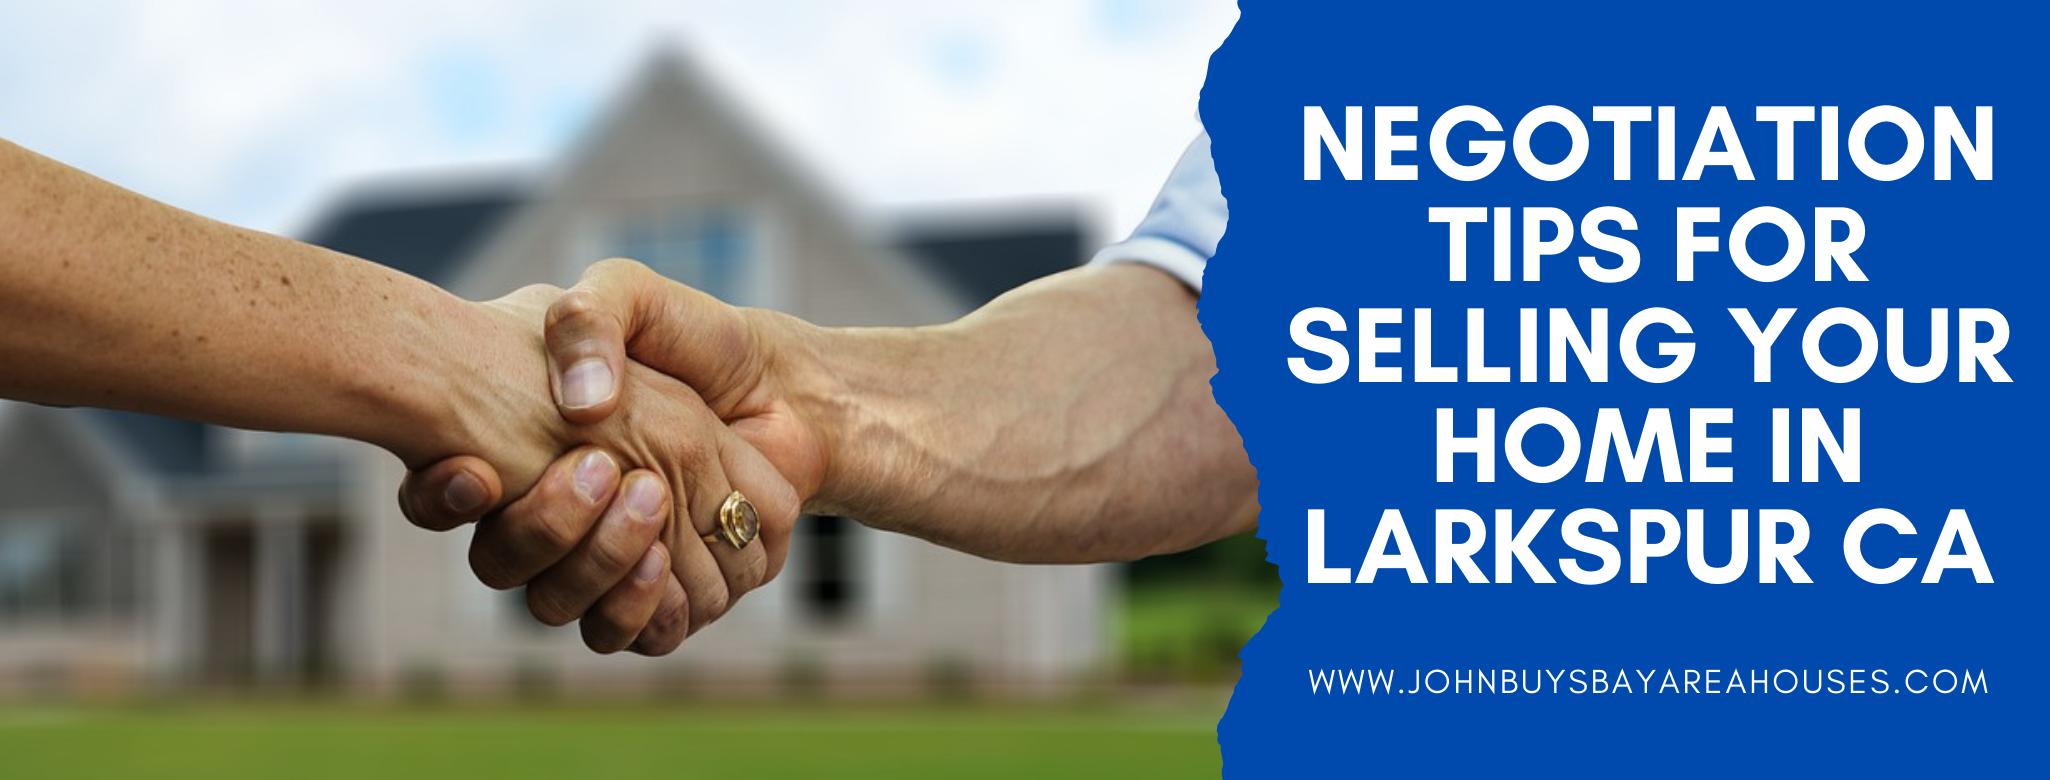 We buy properties in Larkspur CA